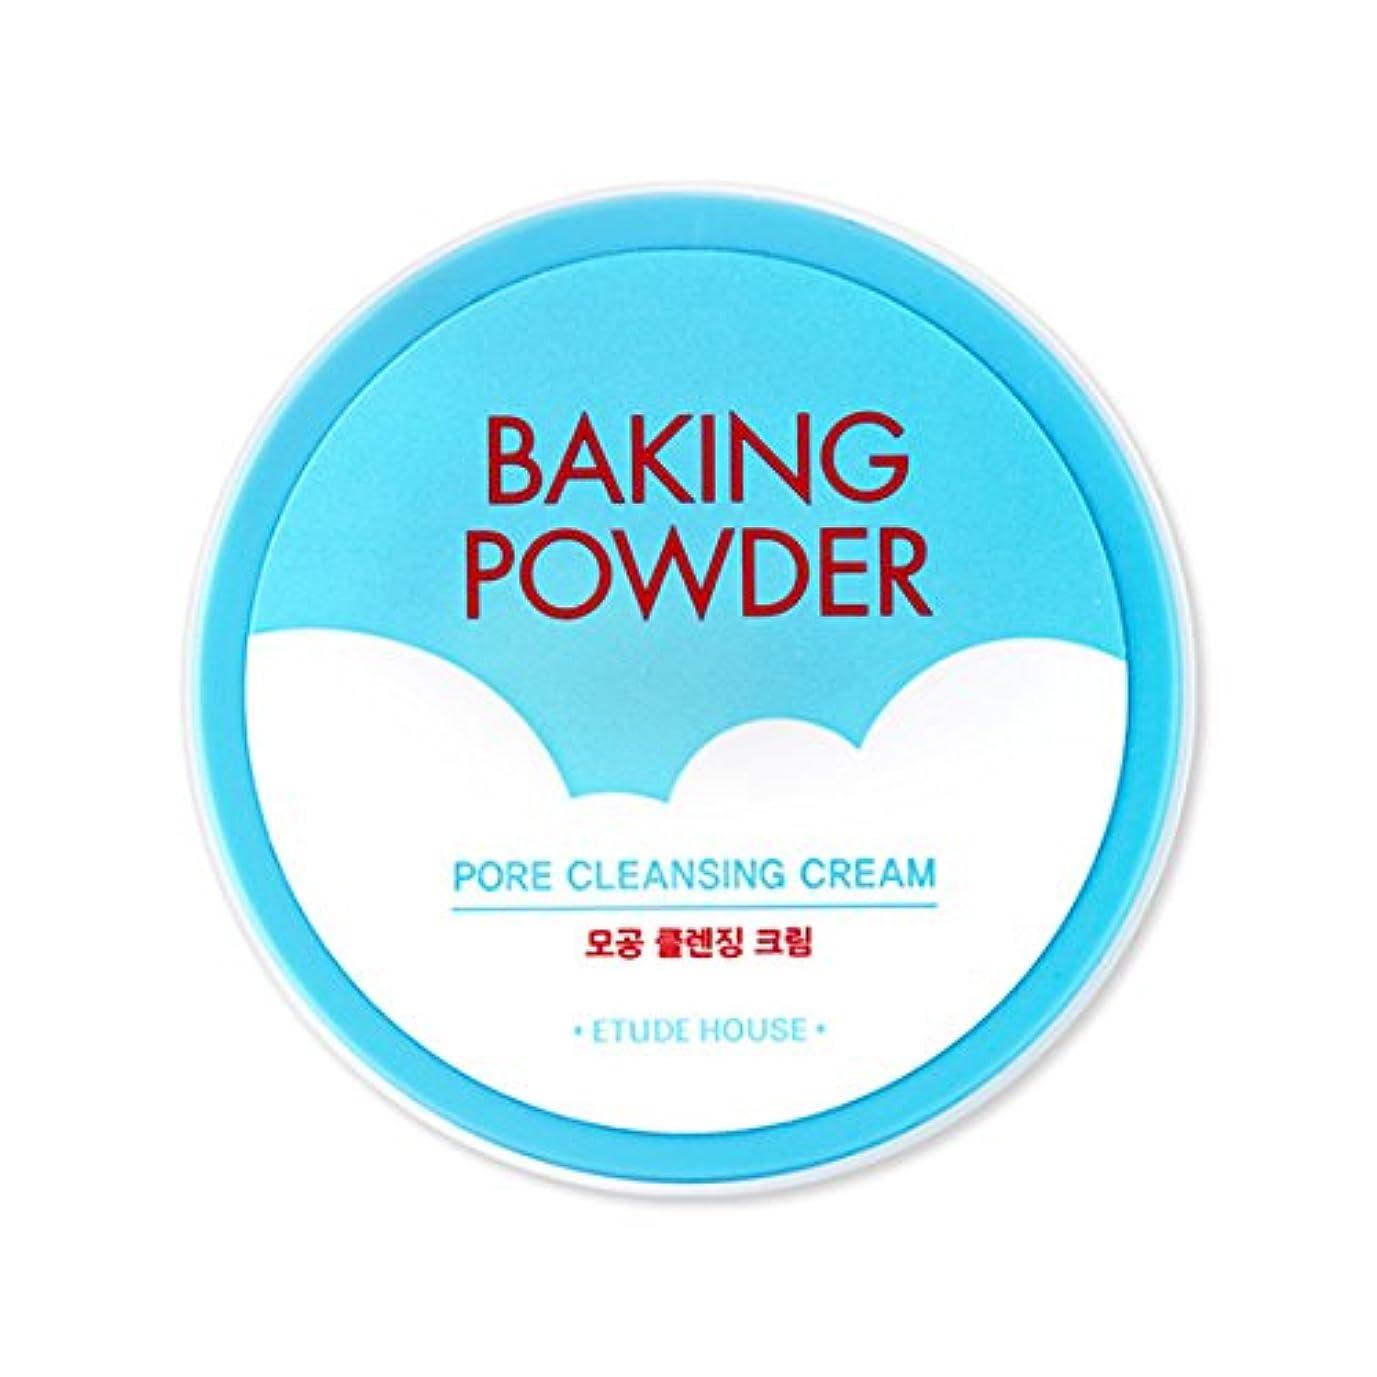 電化するいらいらさせる座る[2016 Upgrade!] ETUDE HOUSE Baking Powder Pore Cleansing Cream 180ml/エチュードハウス ベーキング パウダー ポア クレンジング クリーム 180ml...